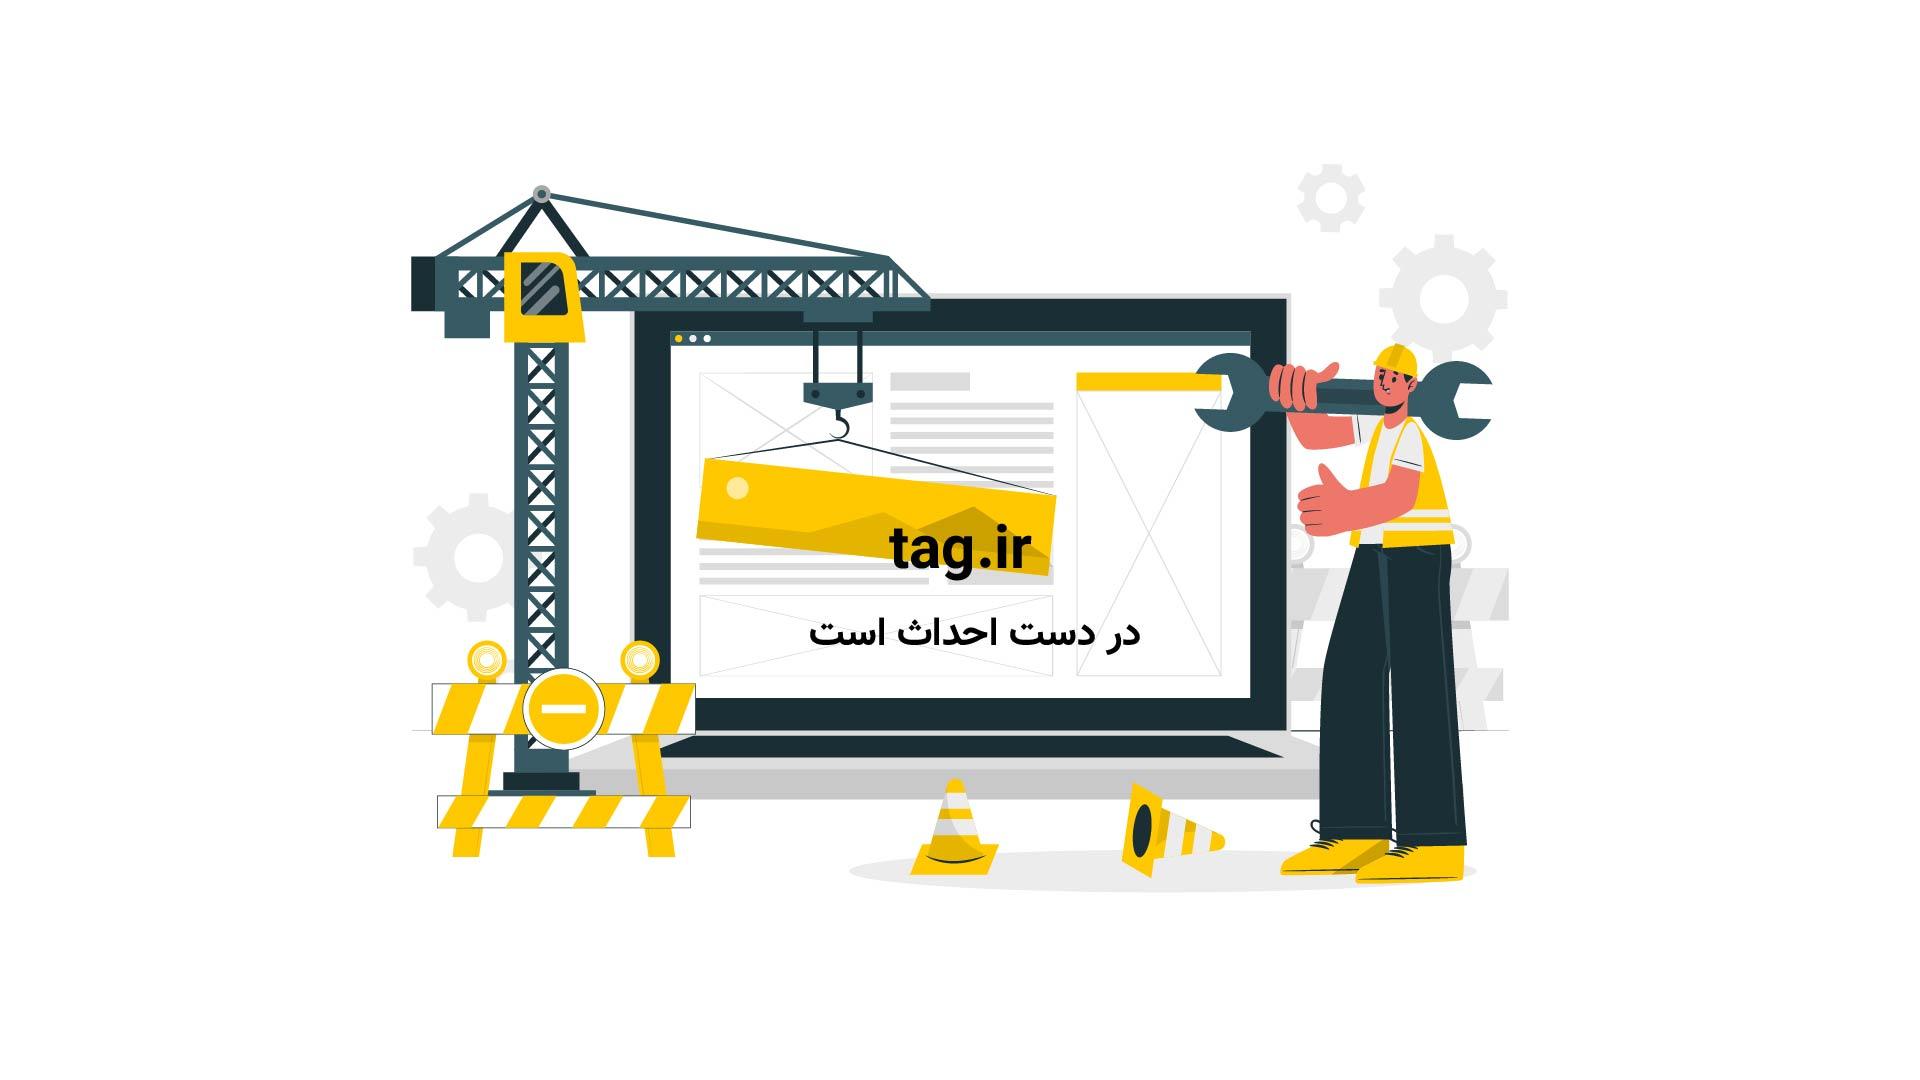 واژگونی اتوبوس در تبریز چندین کشته و زخمی بر جای گذاشت   فیلم